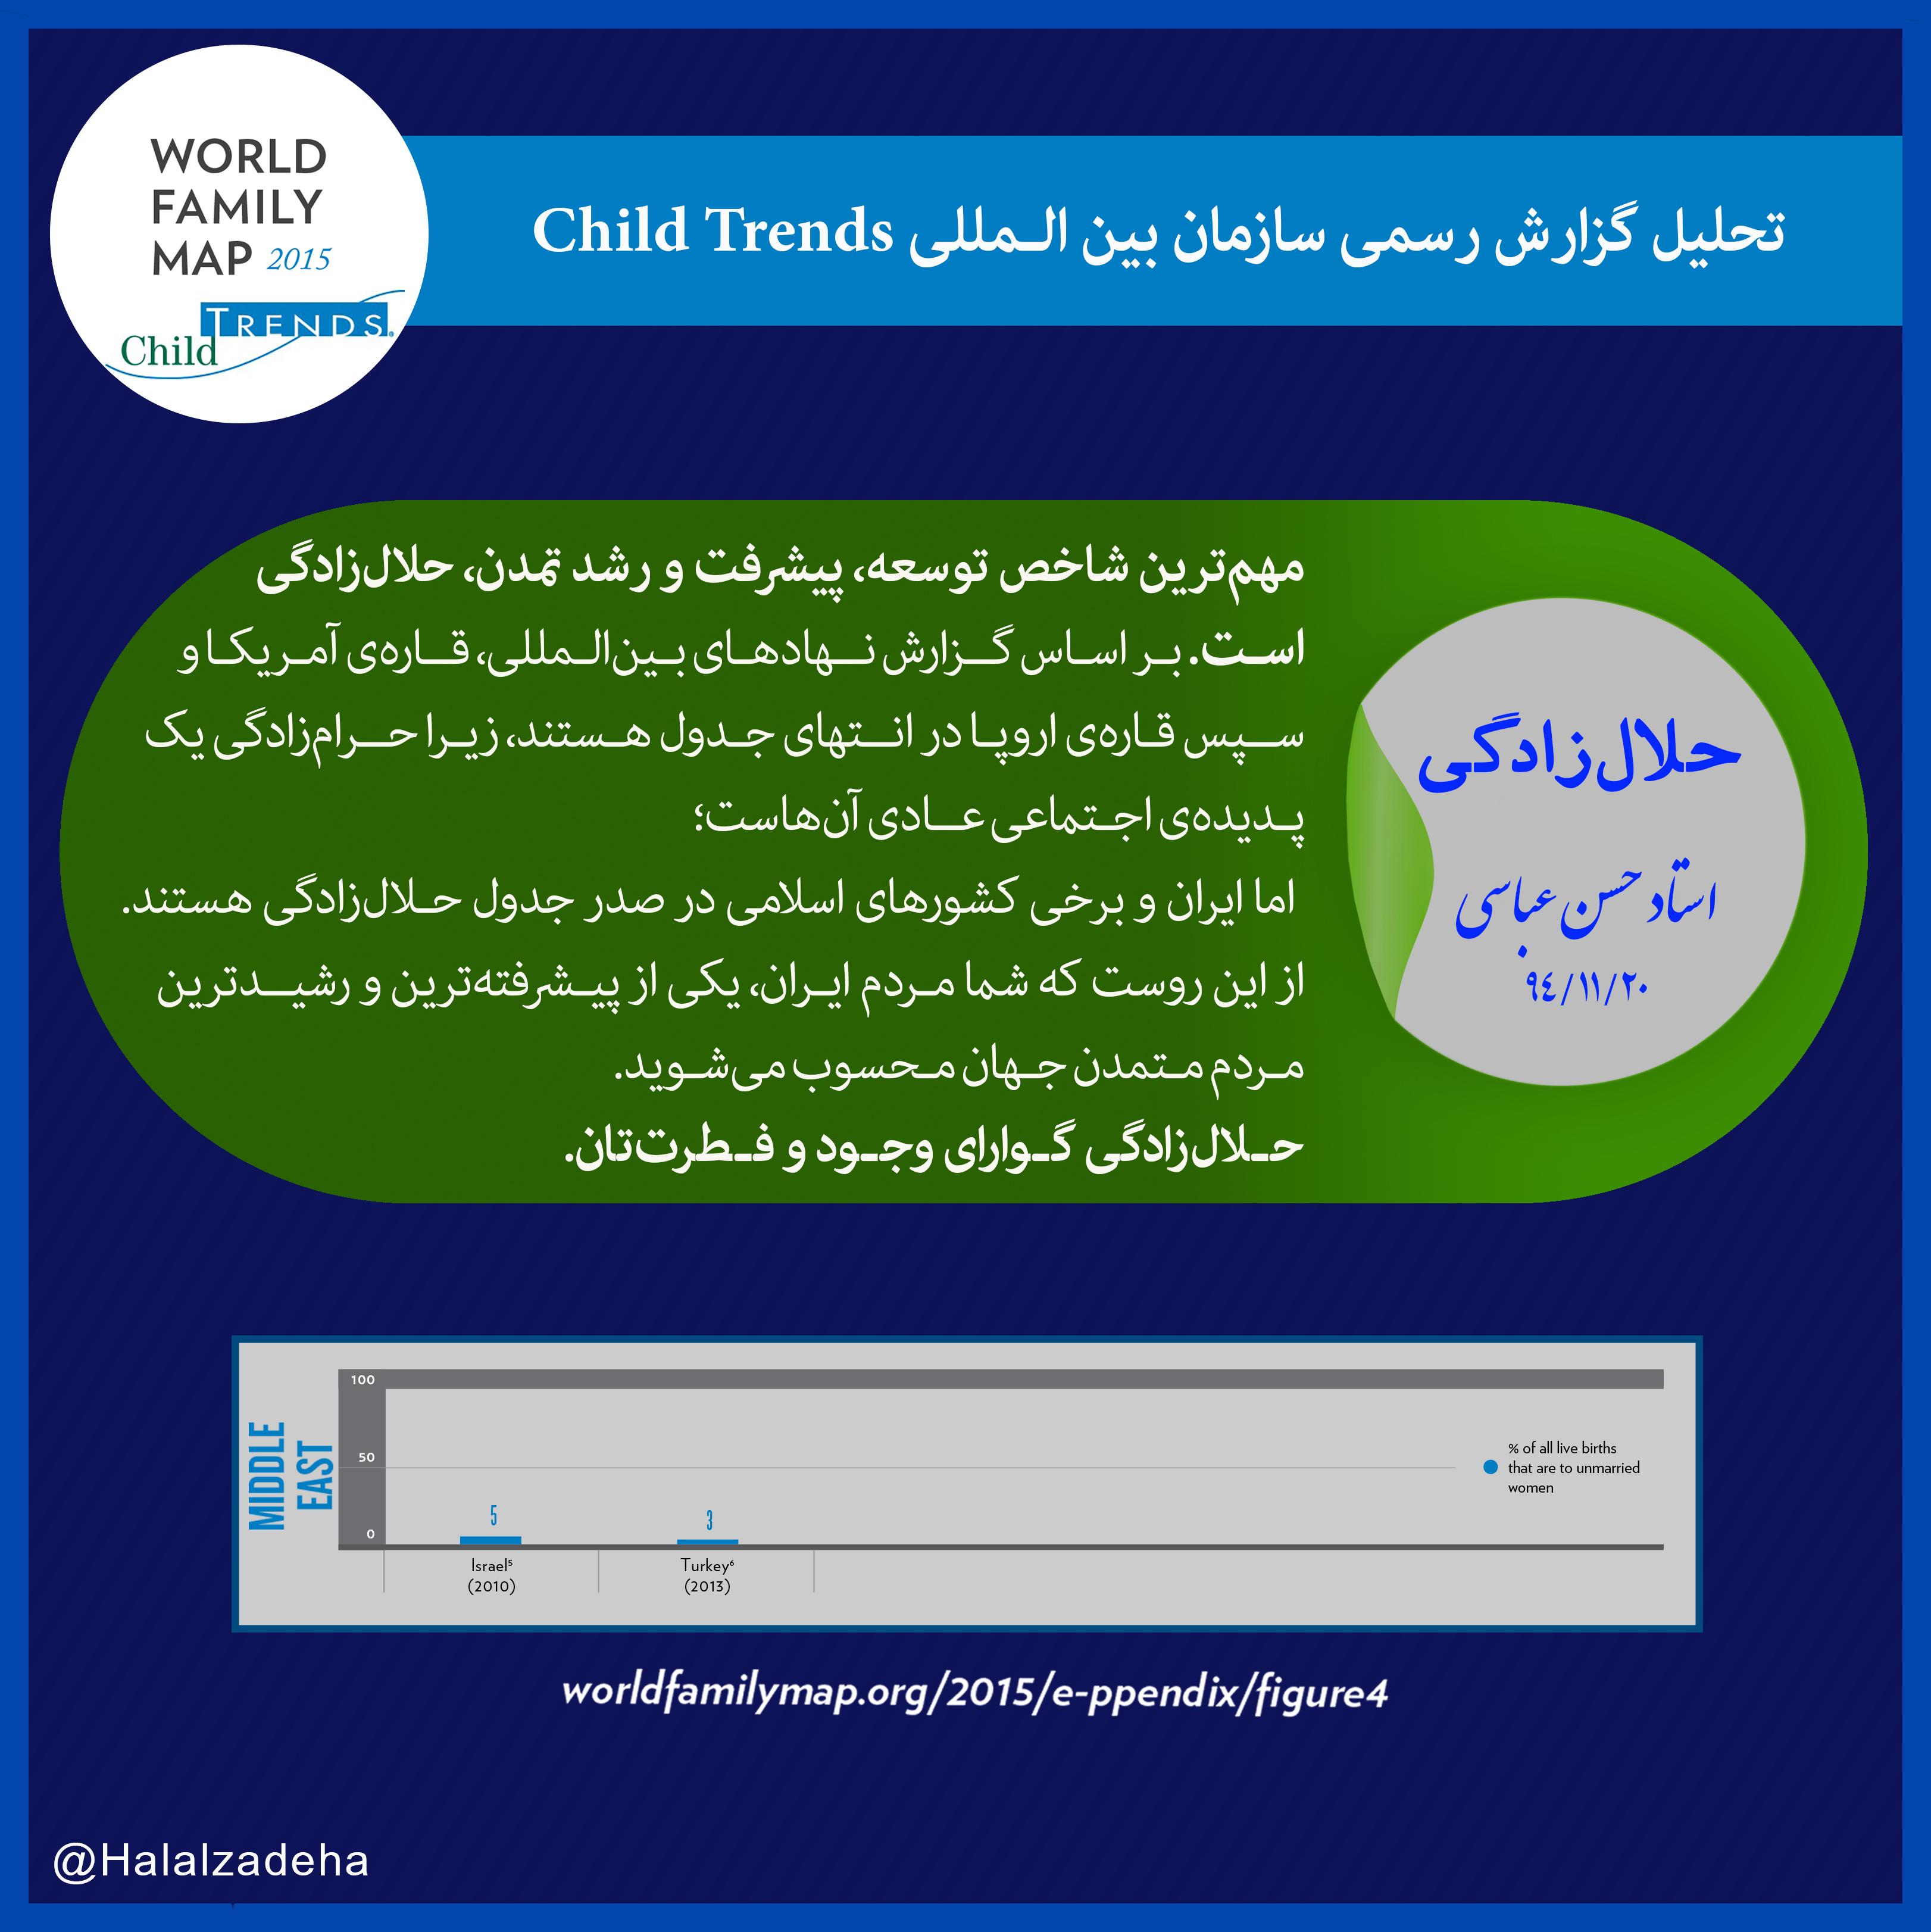 ایران و و برخی کشورهای اسلامی در صدر جدول #حلال_زادگی هستند.